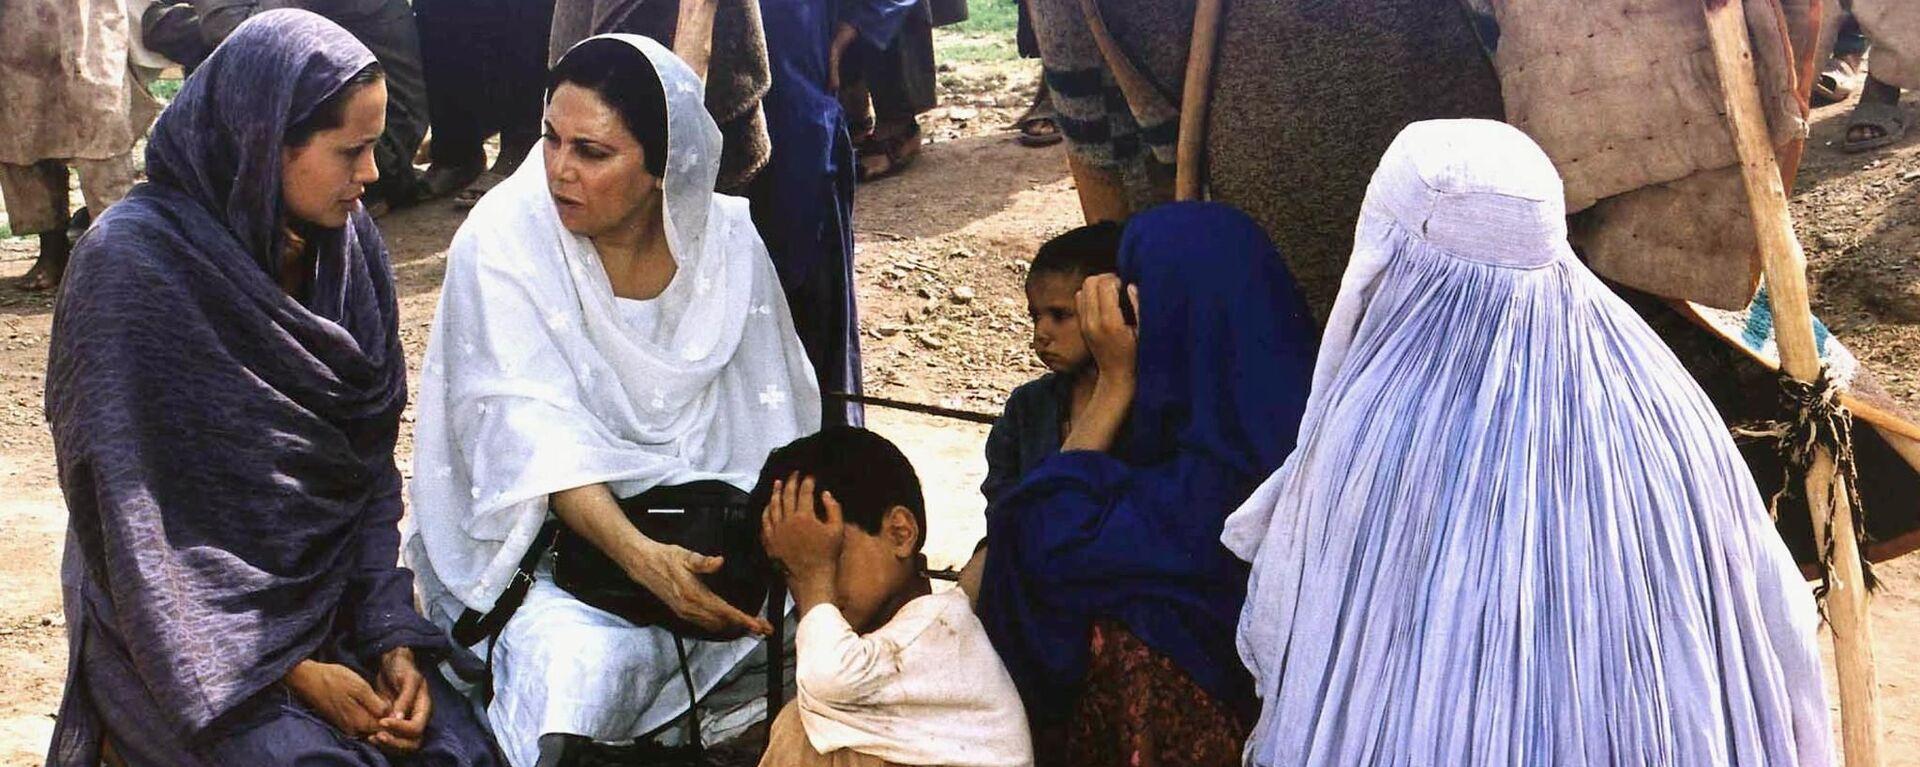 Актриса Анджелина Джоли во время визита в лагерь афганских беженцев в Пакистане в качестве посла доброй воли ООН - Sputnik Таджикистан, 1920, 06.07.2021